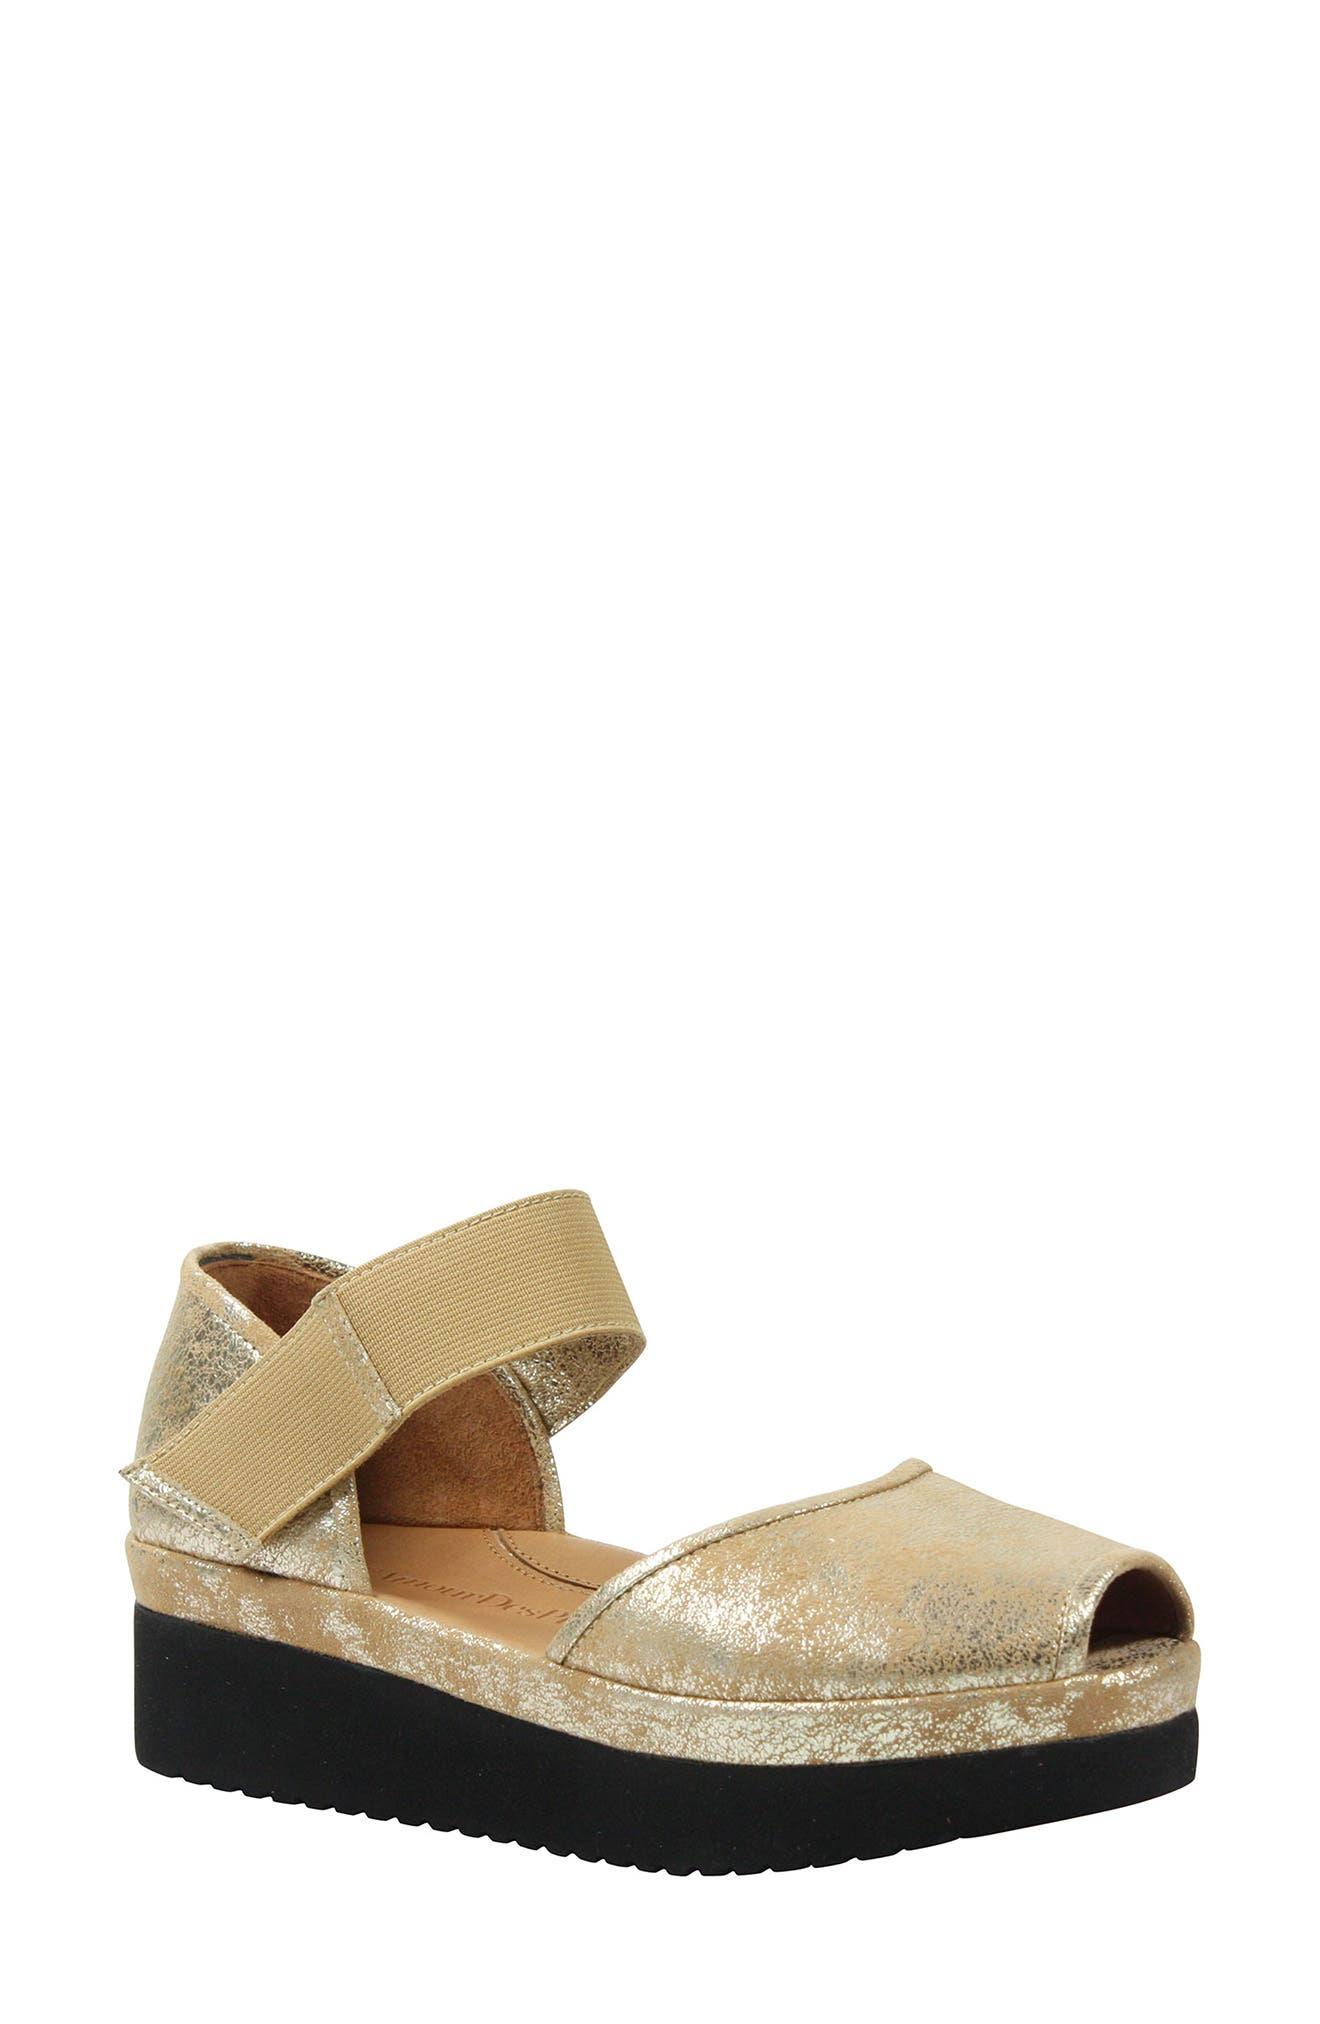 L'AMOUR DES PIEDS, 'Amadour' Platform Sandal, Main thumbnail 1, color, GOLD LEATHER